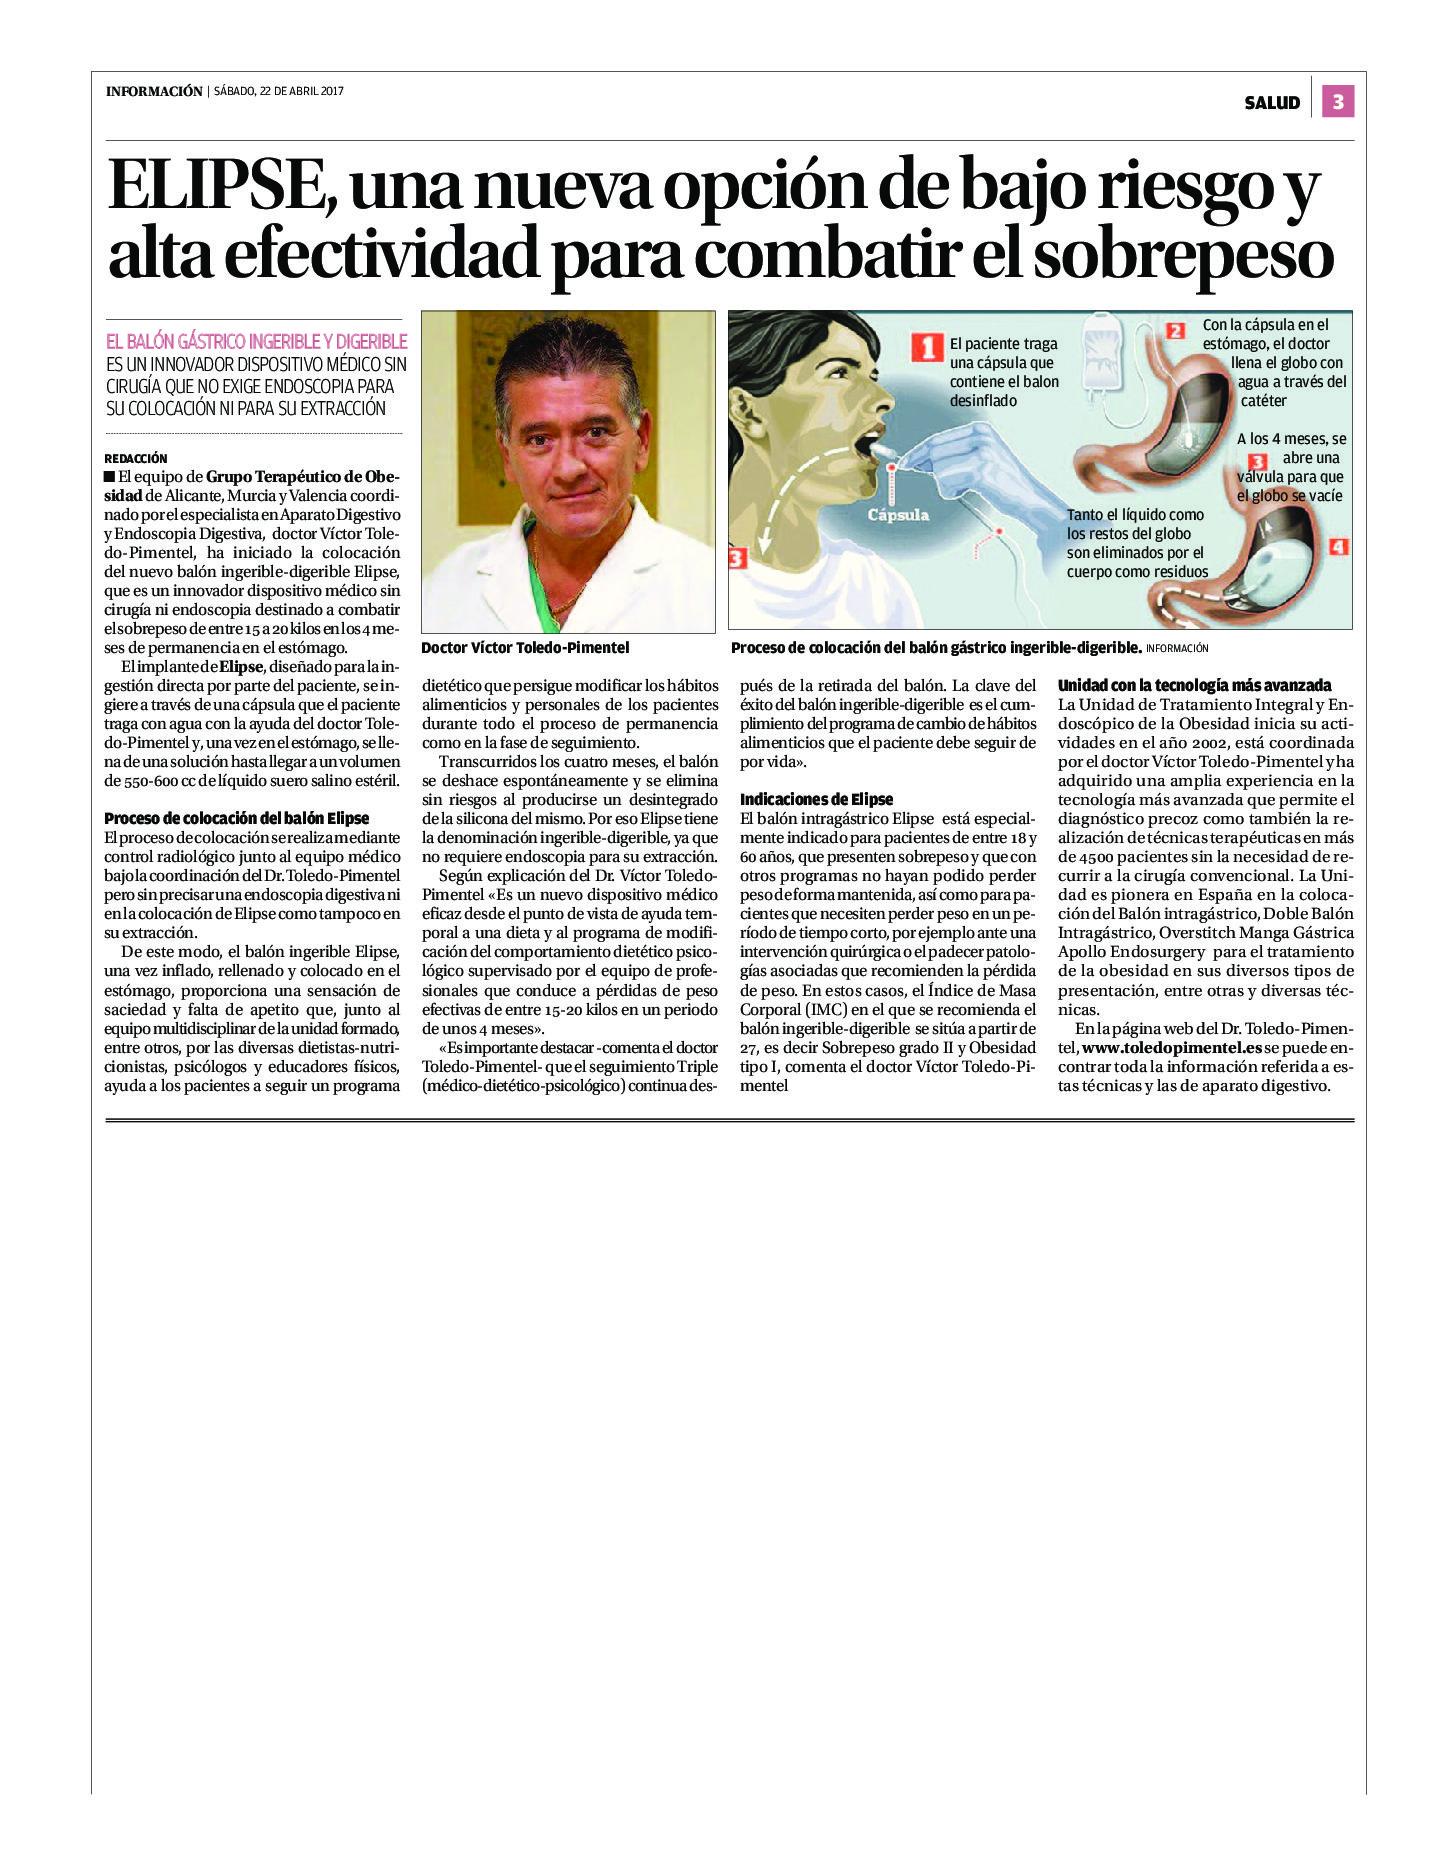 ELIPSE, una nueva opción de bajo riesgo y alta efectividad (publireportaje en Periódico INFORMACIÓN 22/4/17)